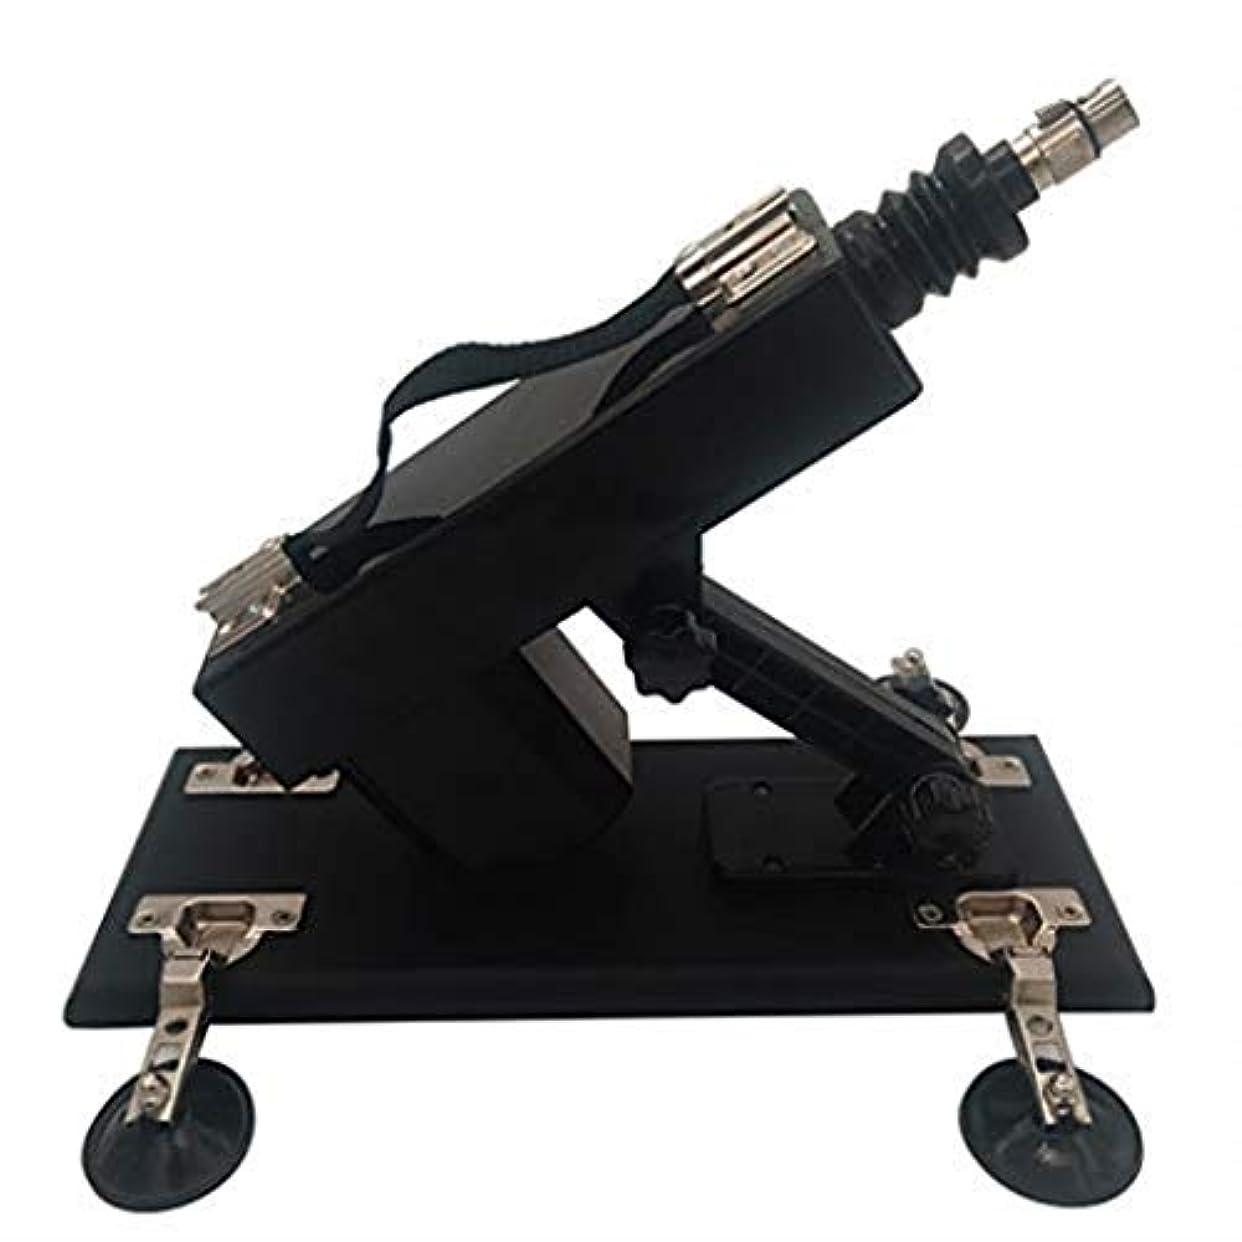 沈黙帰するエネルギーRisareyi 電気格納式マルチスピードマシンマルチスピード調整可能な大人のマシンのおもちゃボディリラクゼーションデバイススリーブ